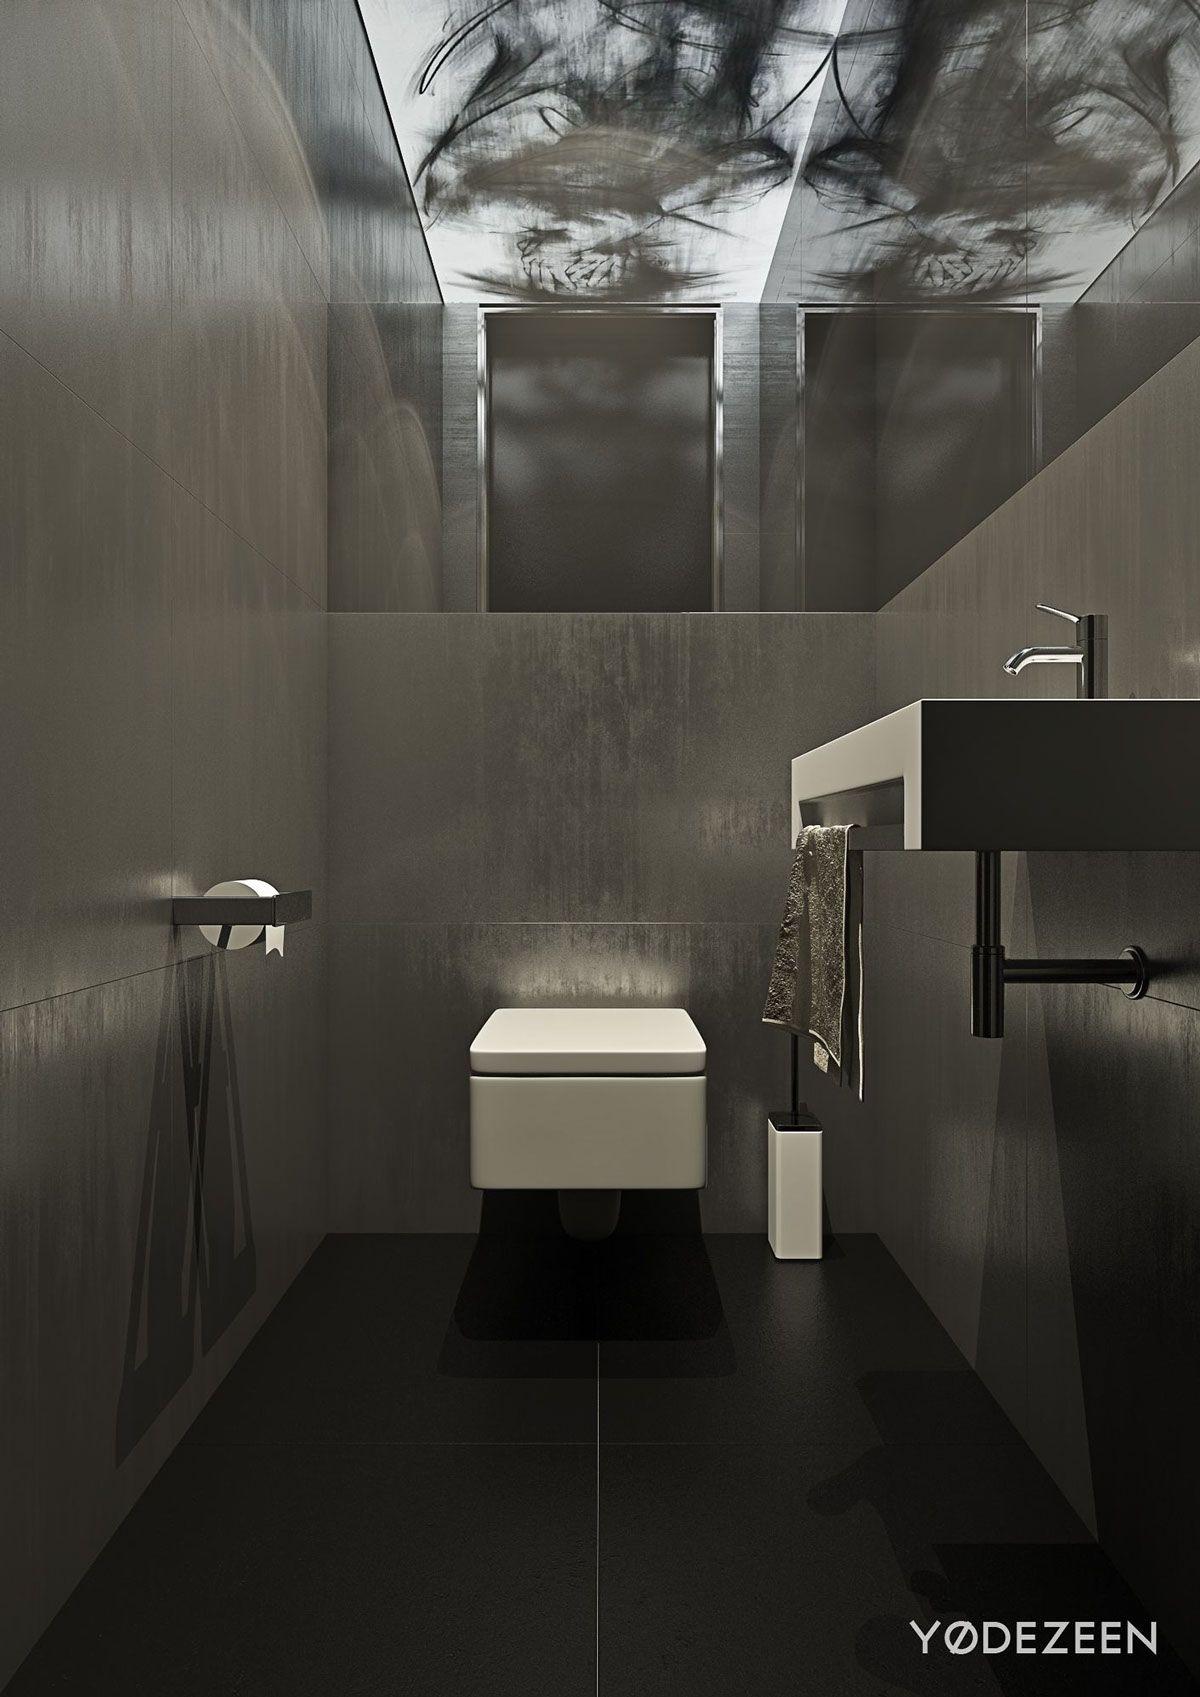 Sleek Bathroom Design The Bath Keeps With The Sleek Themes Using Luxurious Marble Tiles